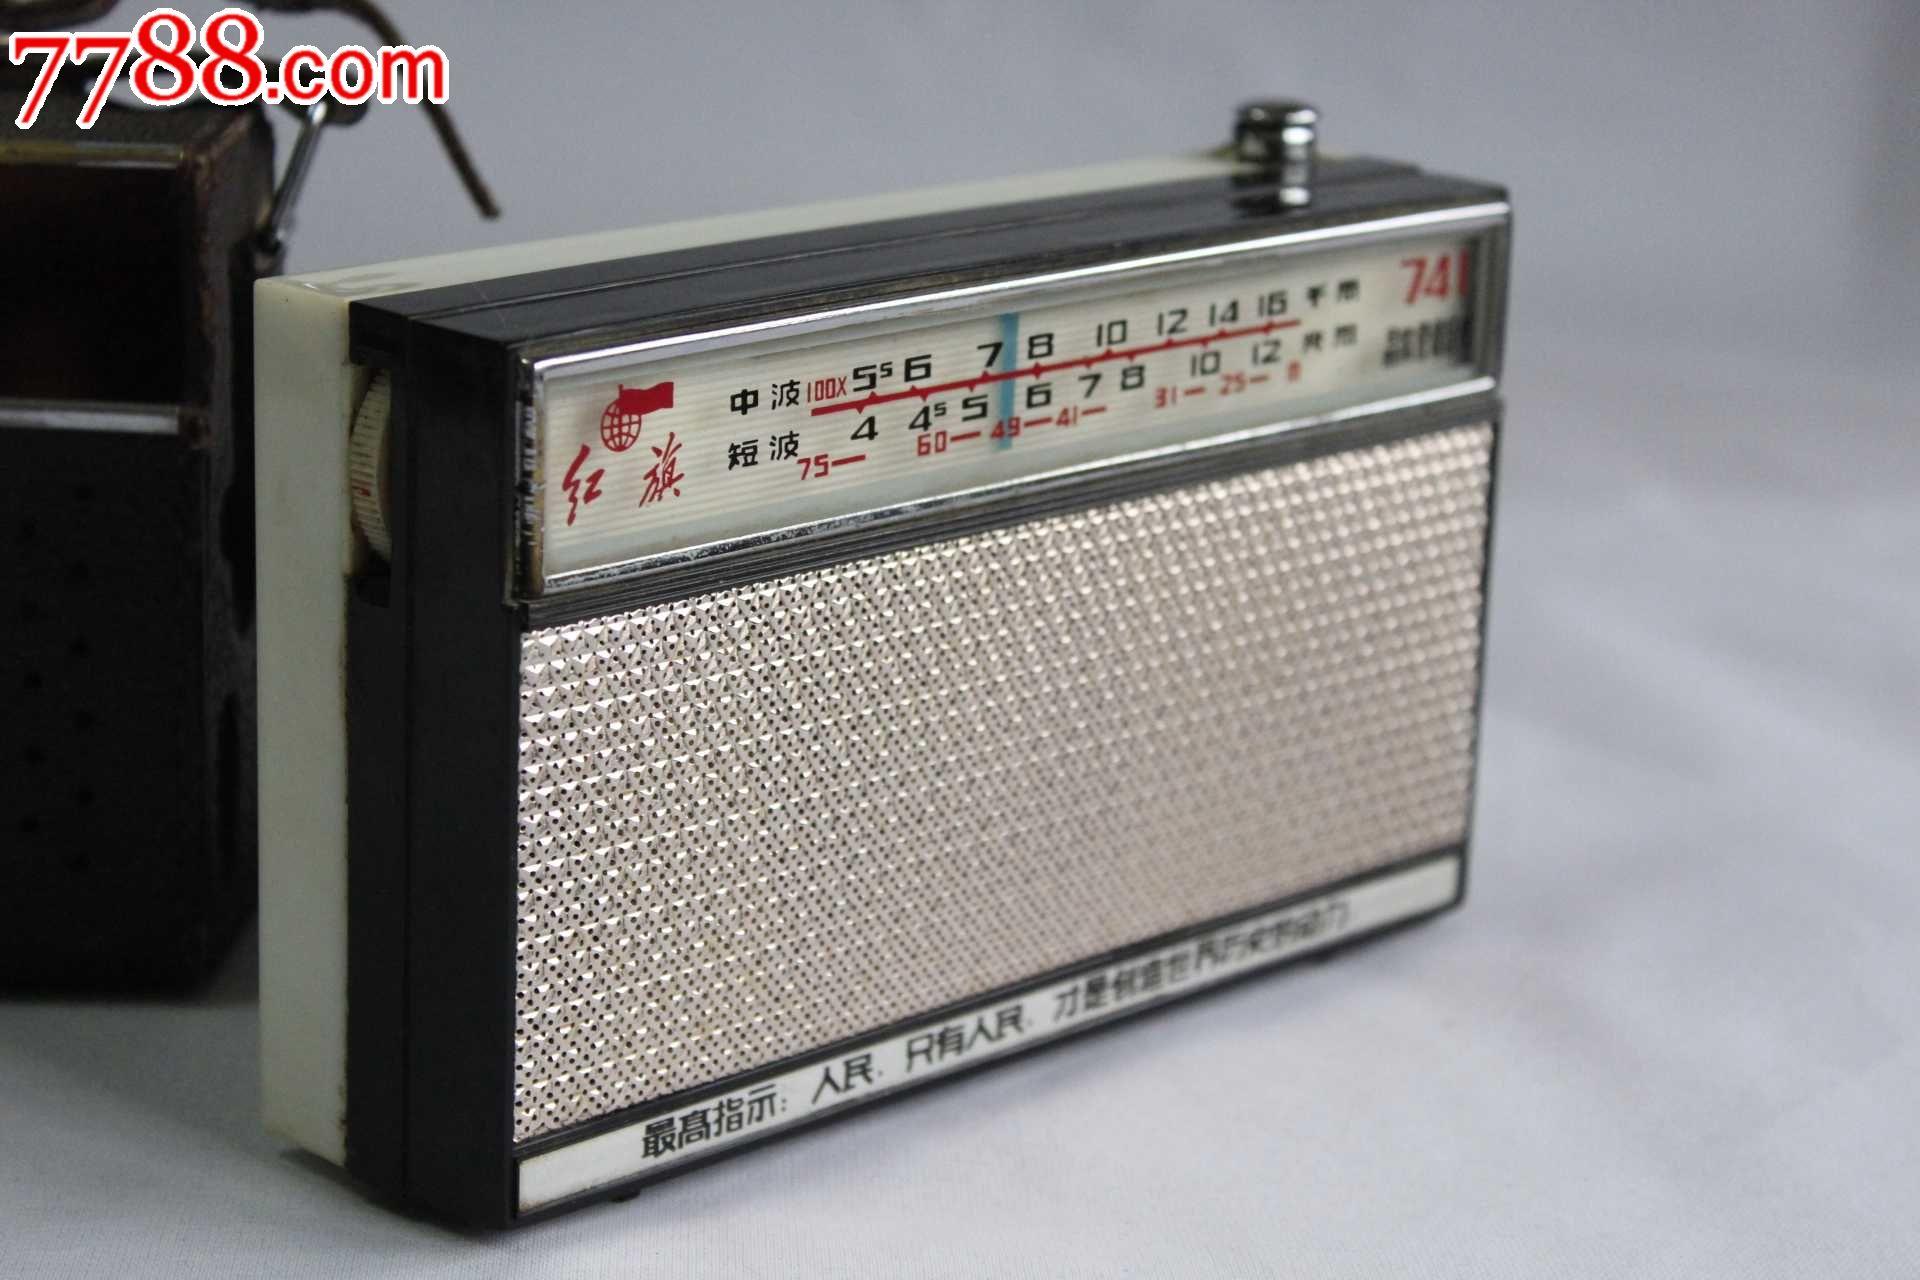 红旗741型晶体管收音机